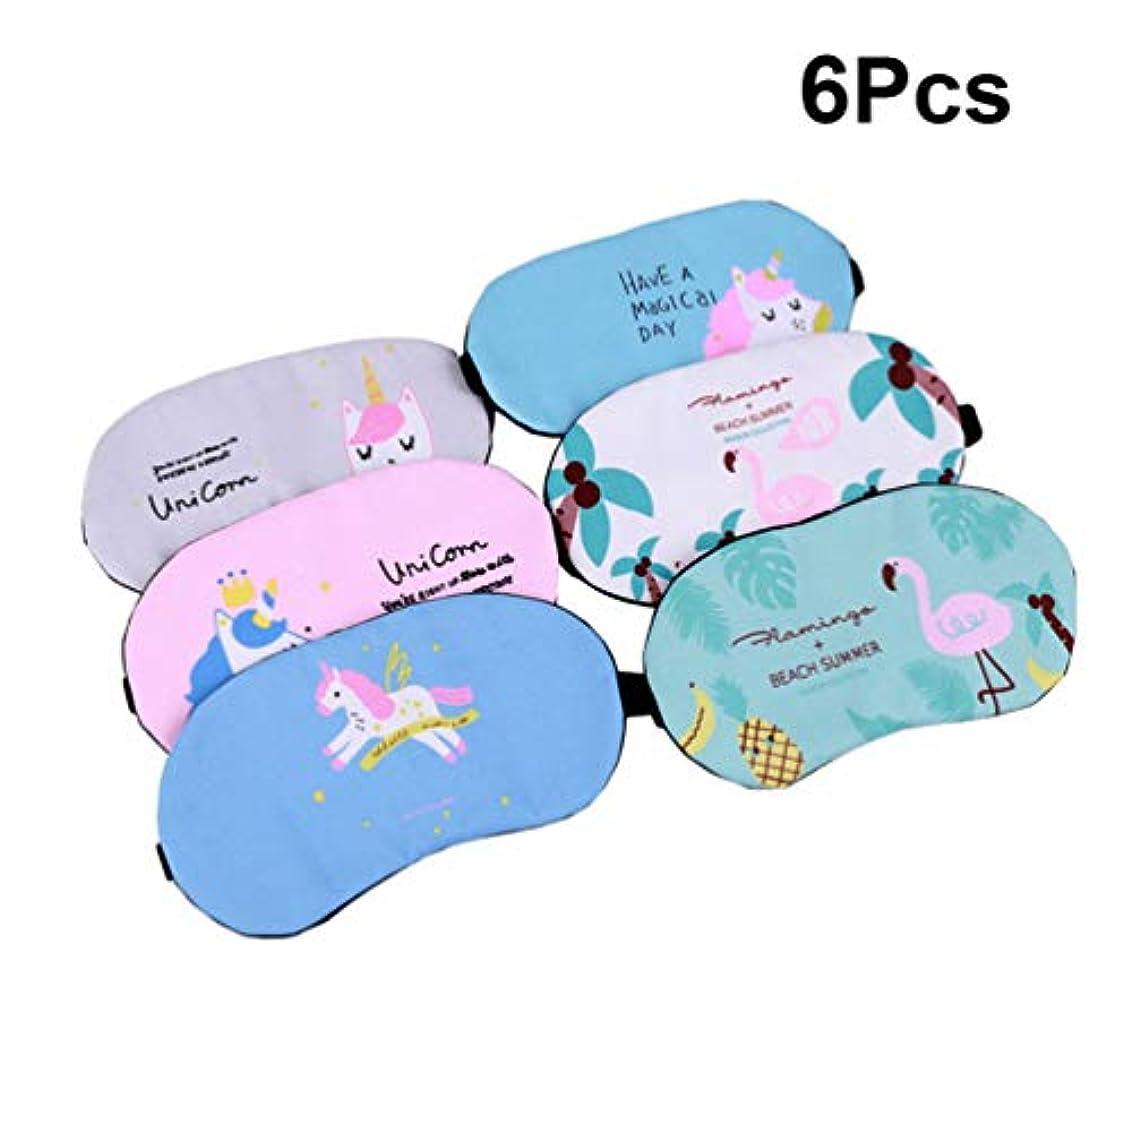 自動車母性ヤギSUPVOX 6PCSユニコーン睡眠マスク目隠し幼児睡眠マスクアイマスクユニコーンパーティの恩恵